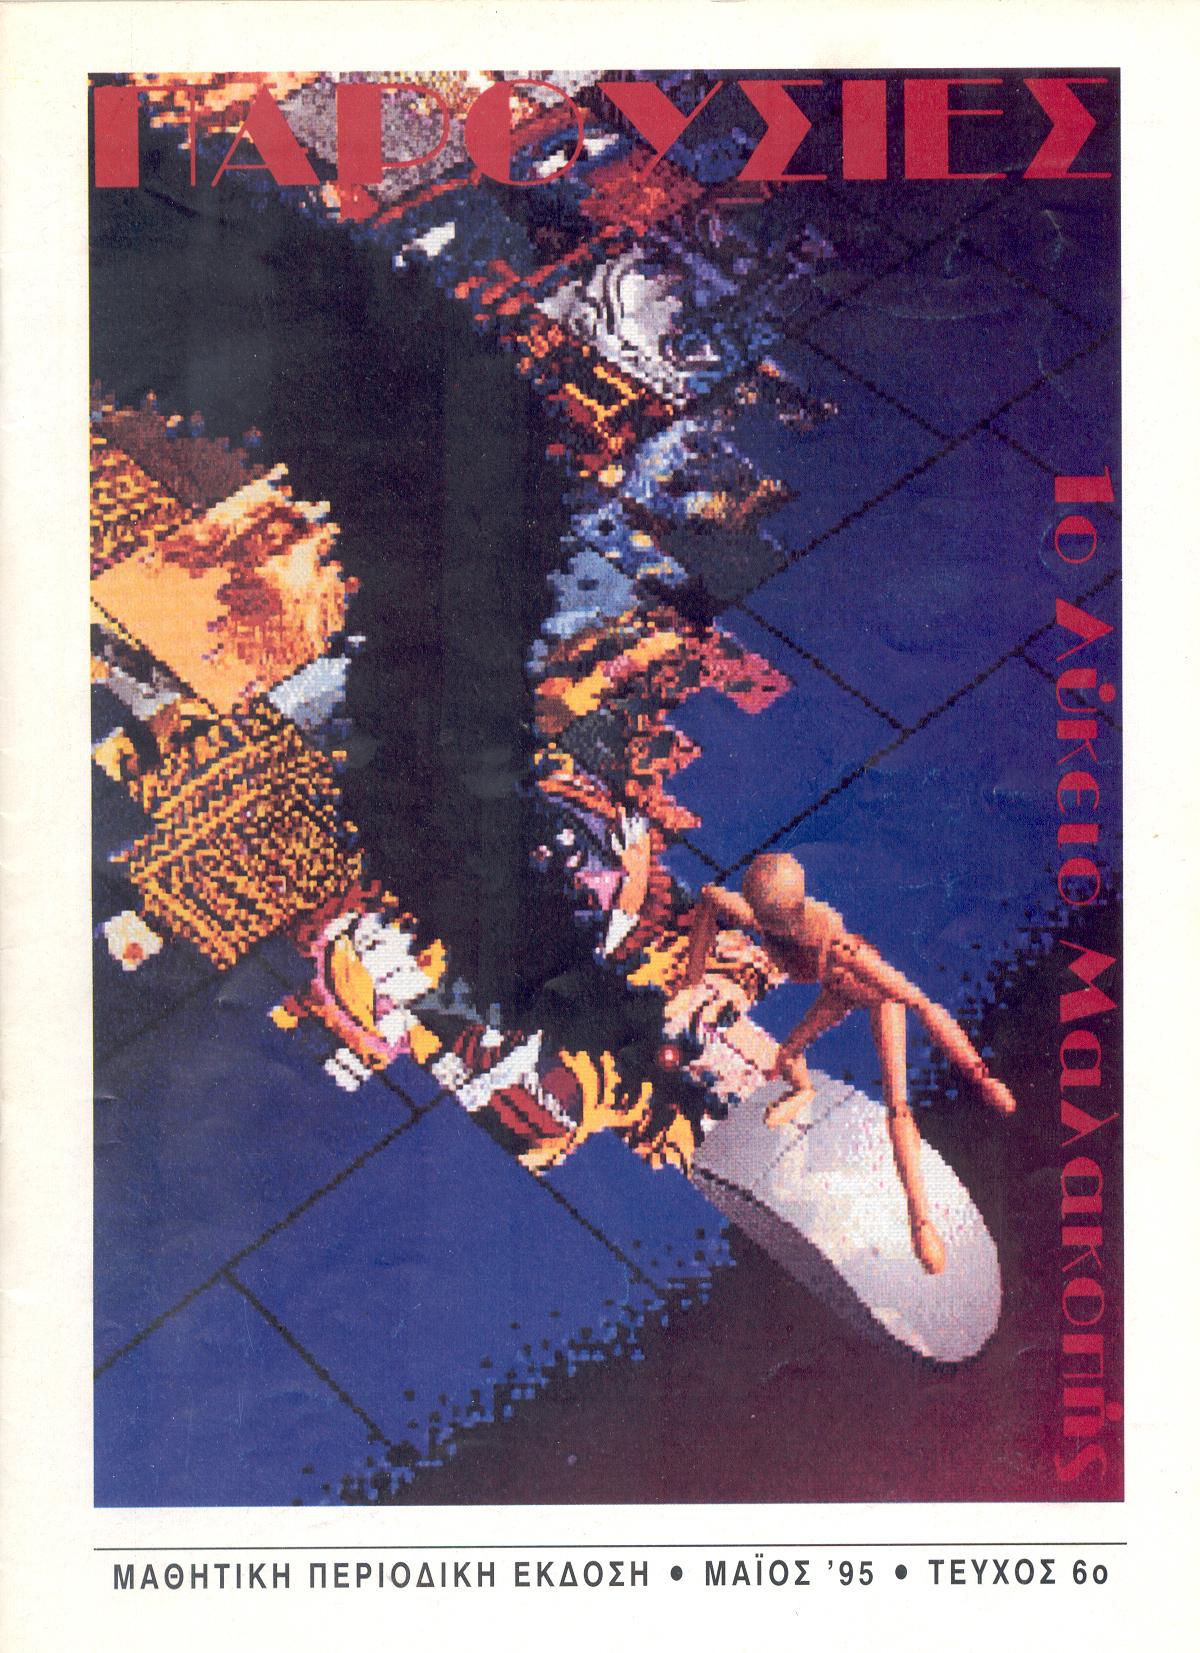 Evangelos Katsioulis on Parousies, 1995